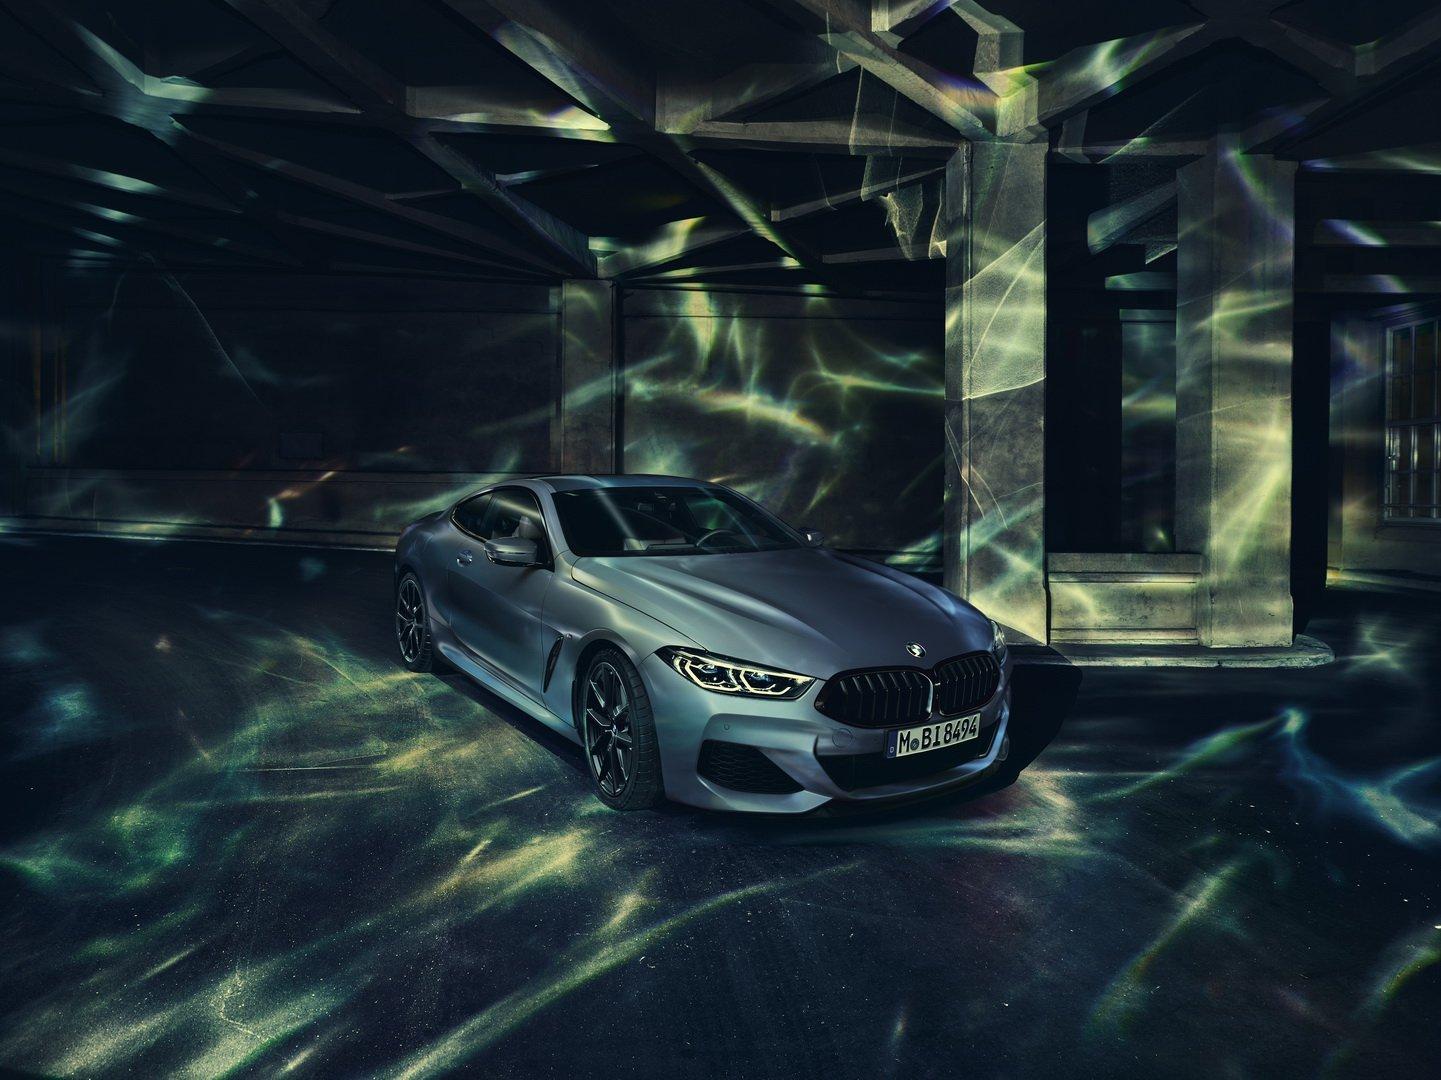 宝马BMW8系M850i xDrive Coupe双门轿跑车限量供应